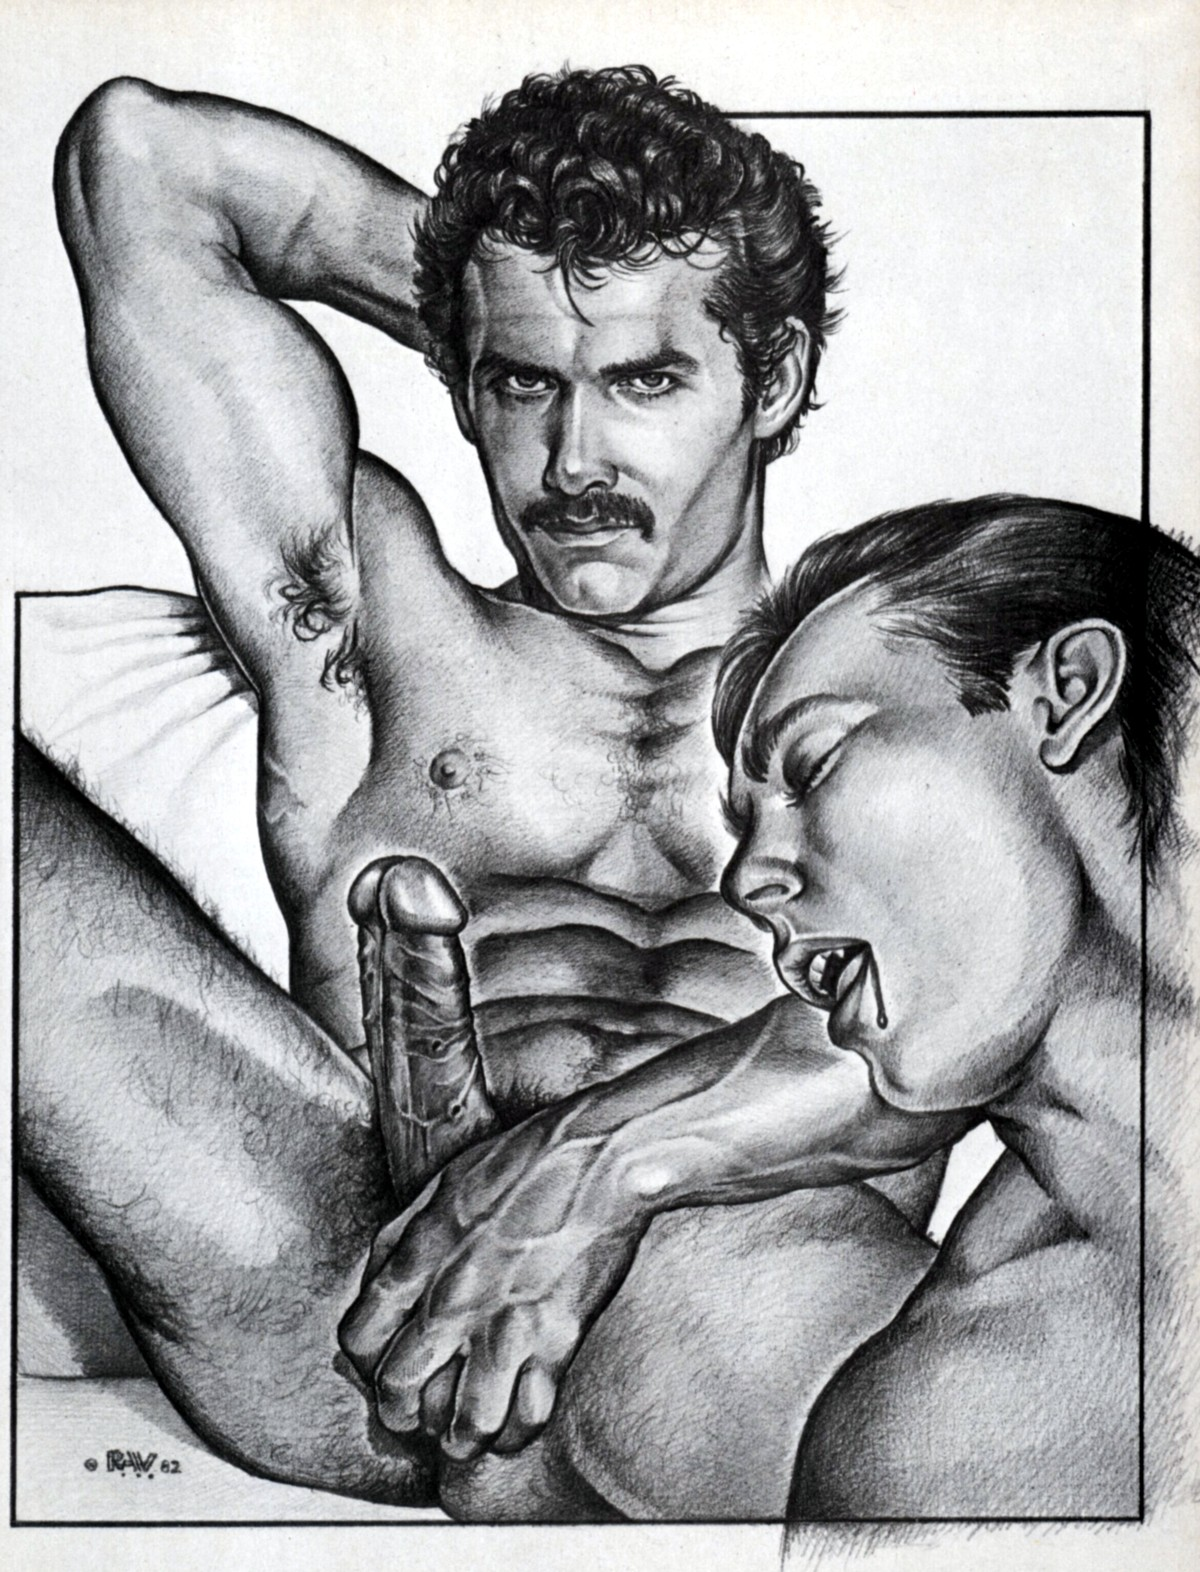 DIBUJOS de Hombres para Hombres ARTE GAY!